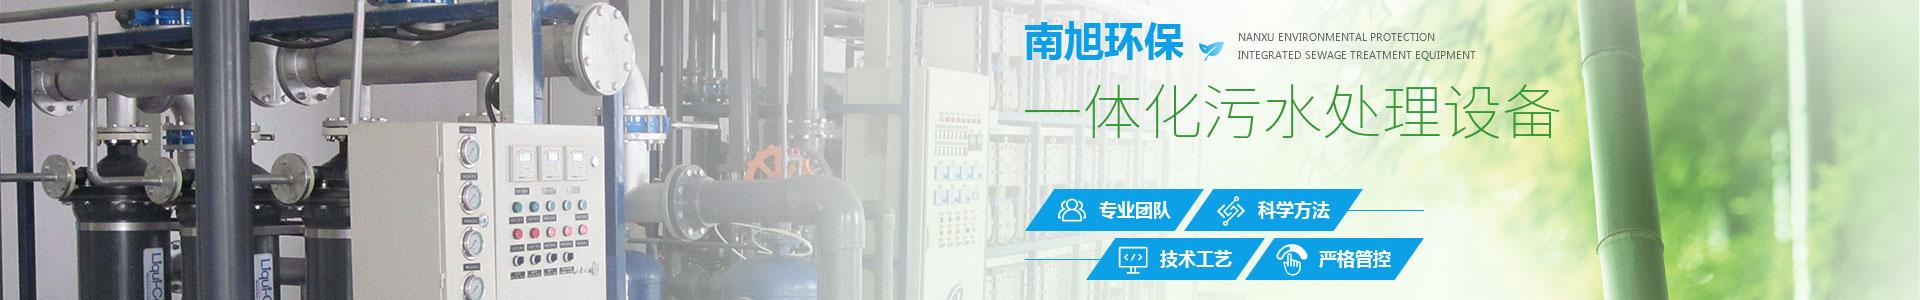 重庆伟德ios版官方下载伟德体育app